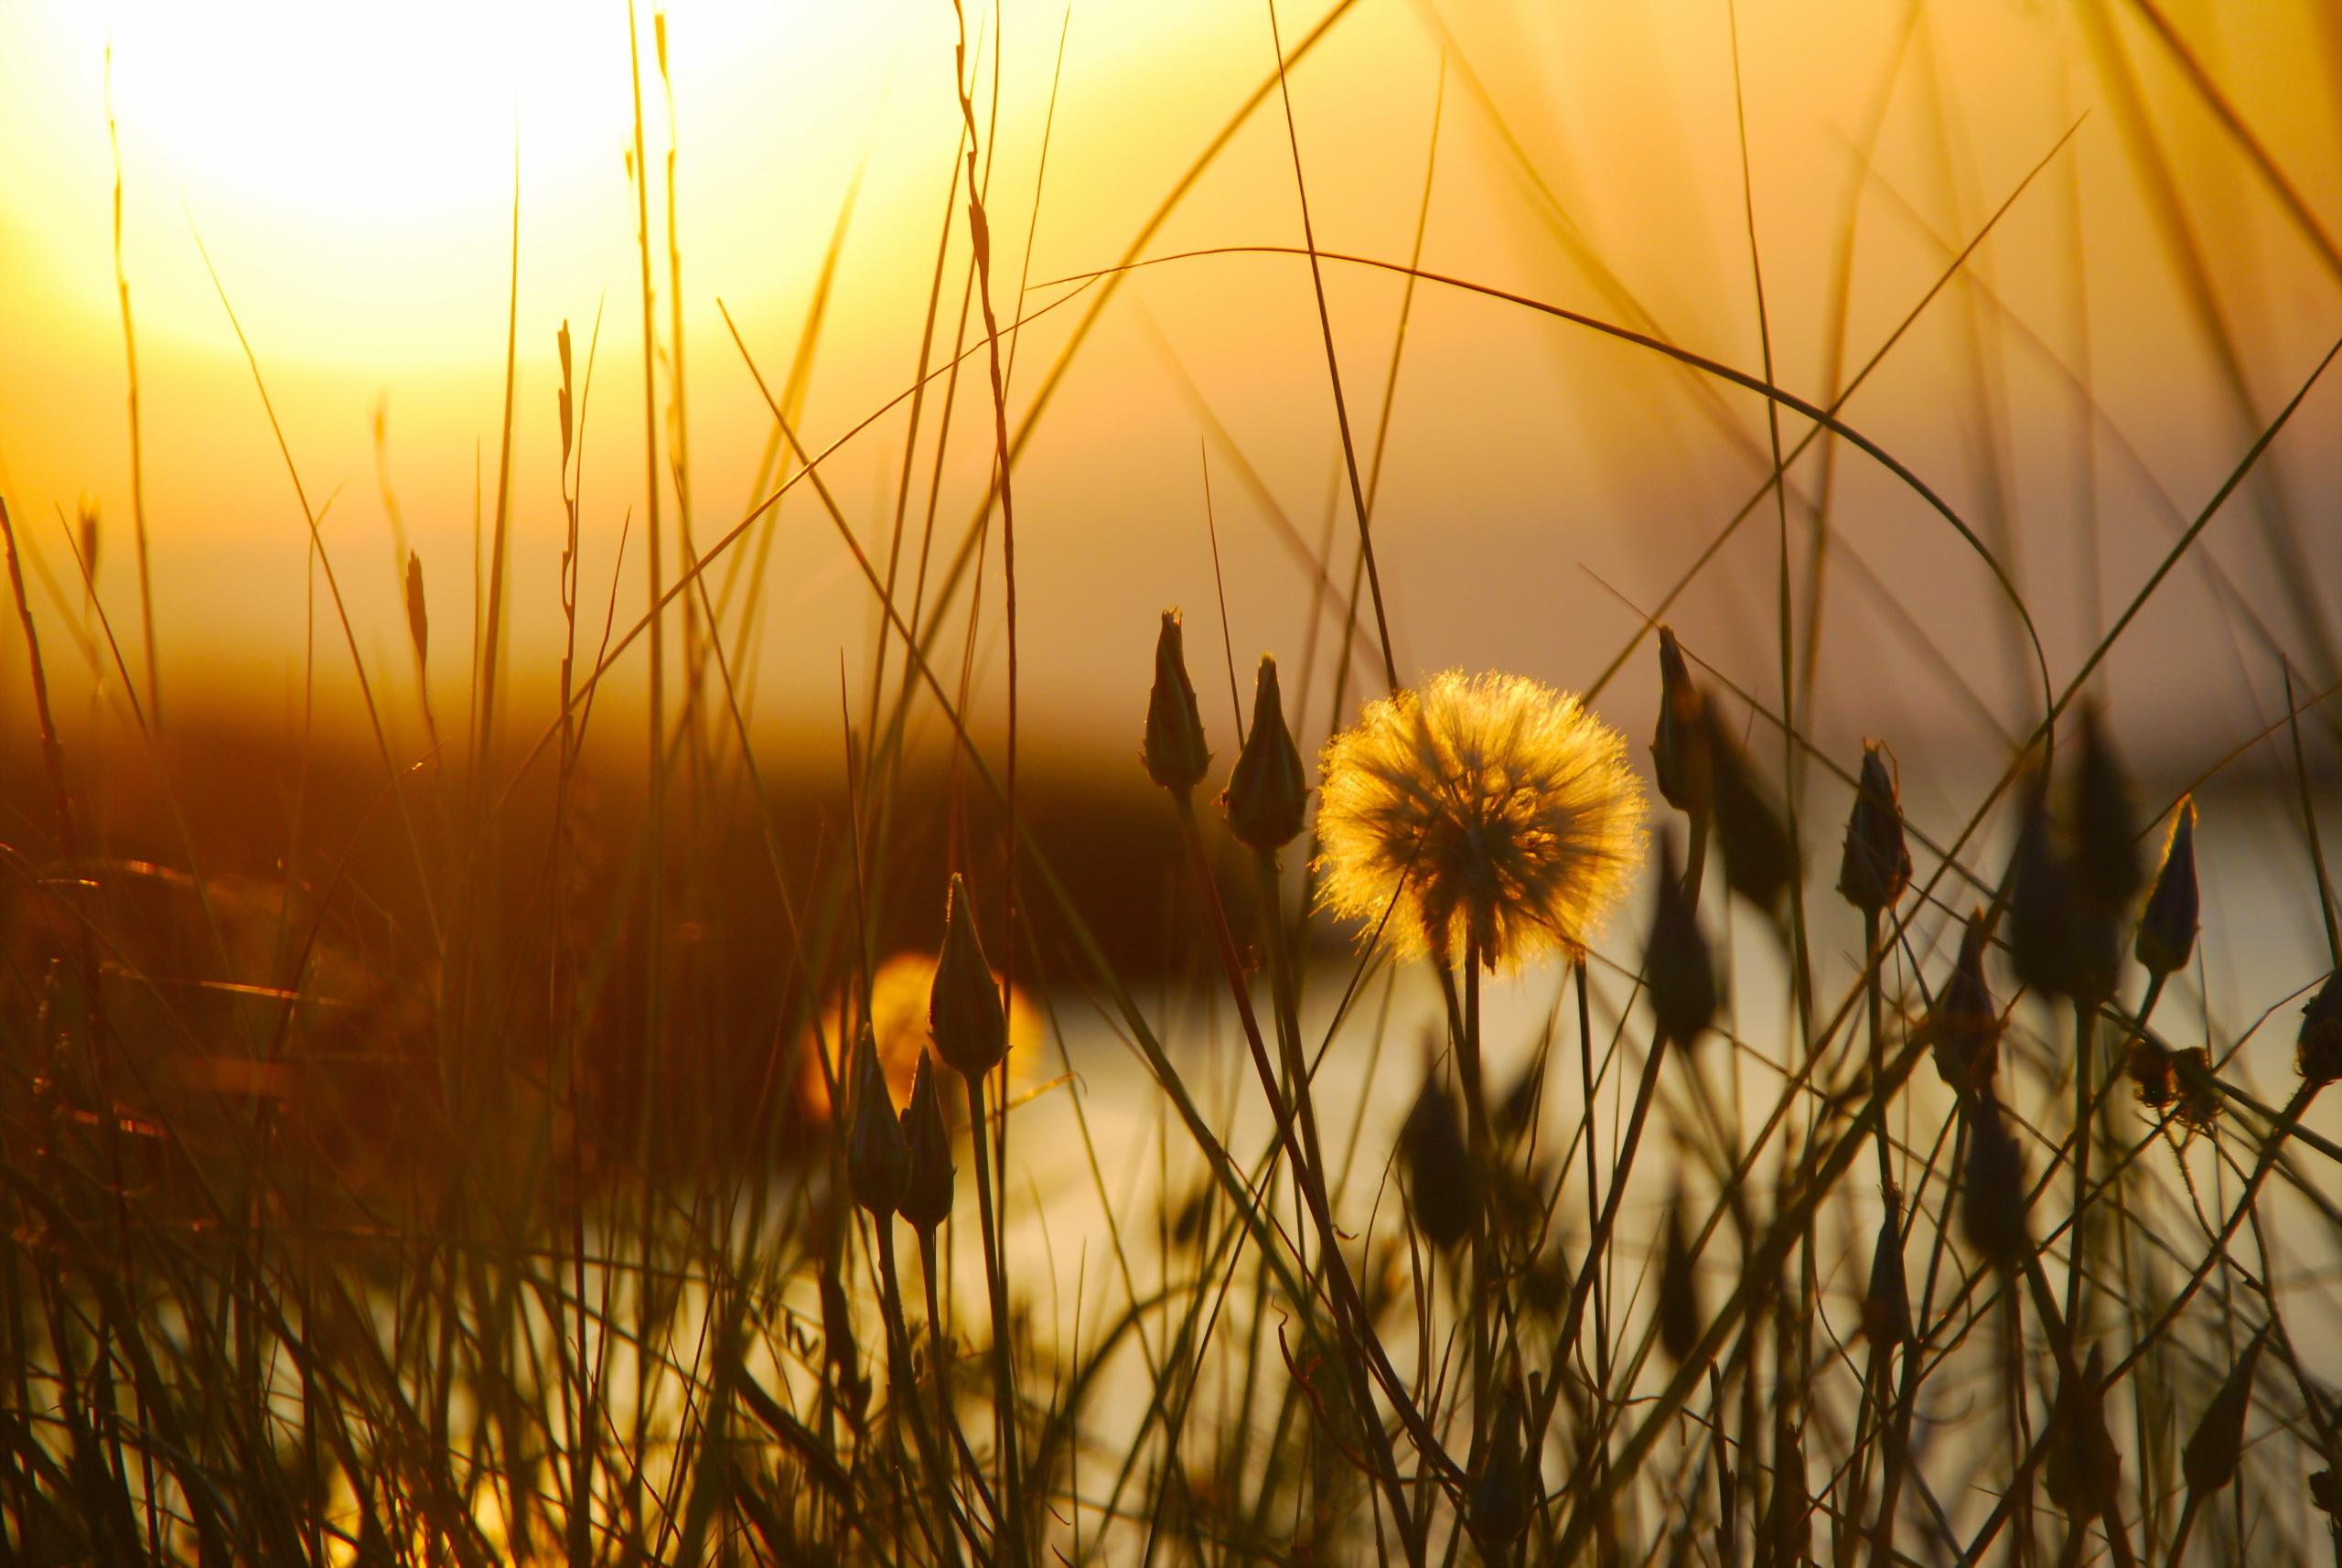 закат трава цветы озеро  № 1025237 загрузить